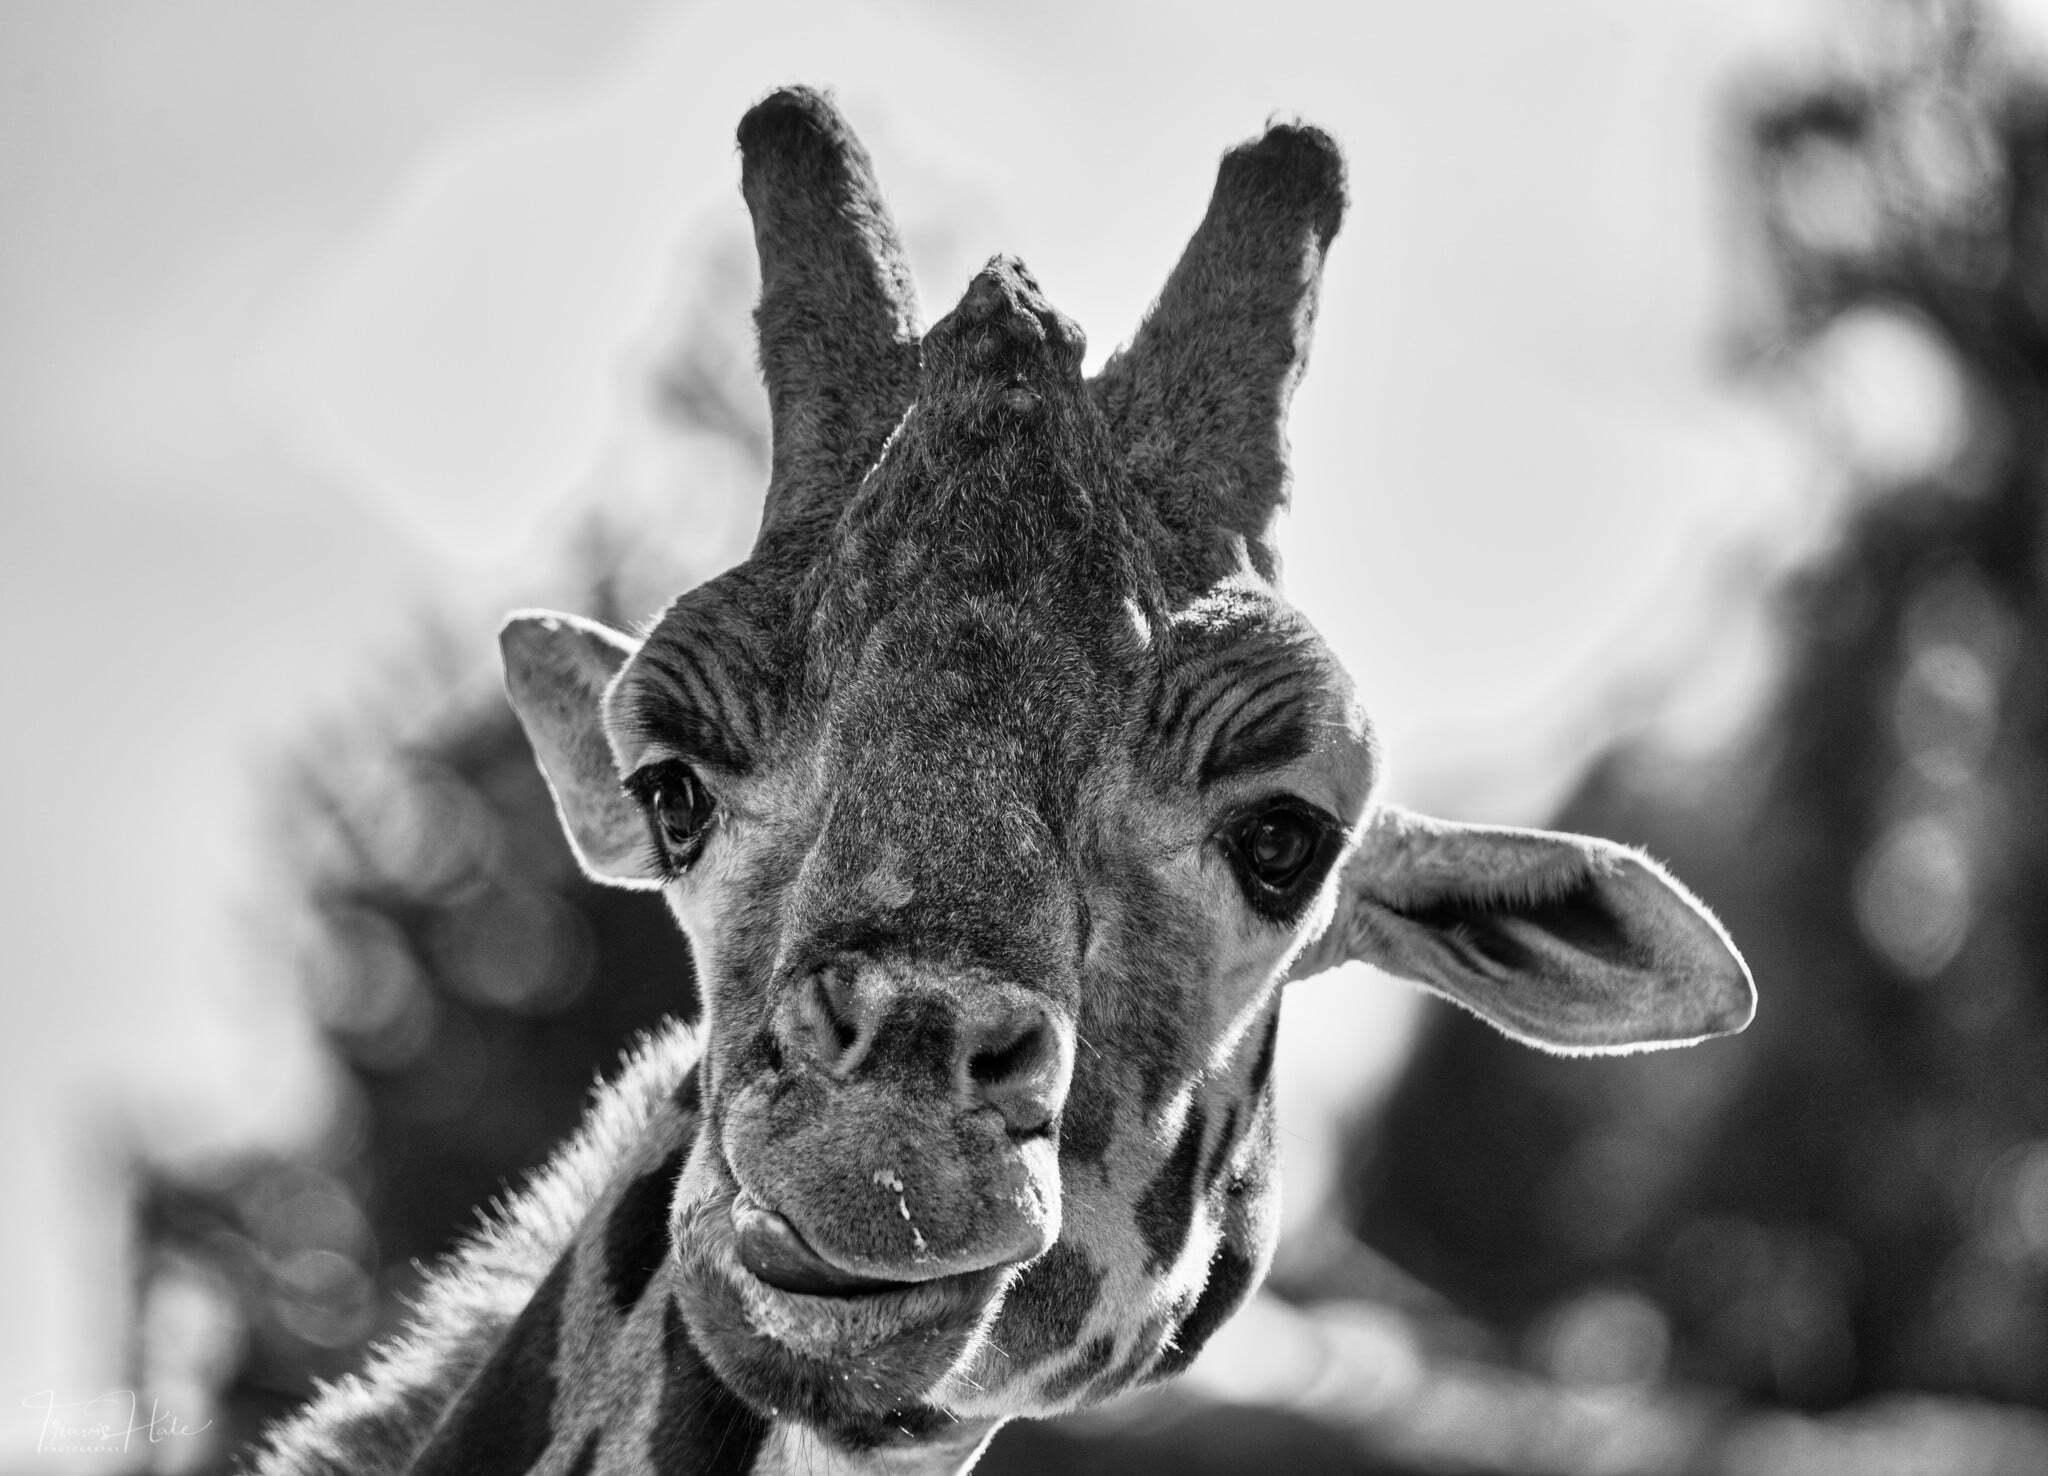 a close up of a giraffe looking at the camera